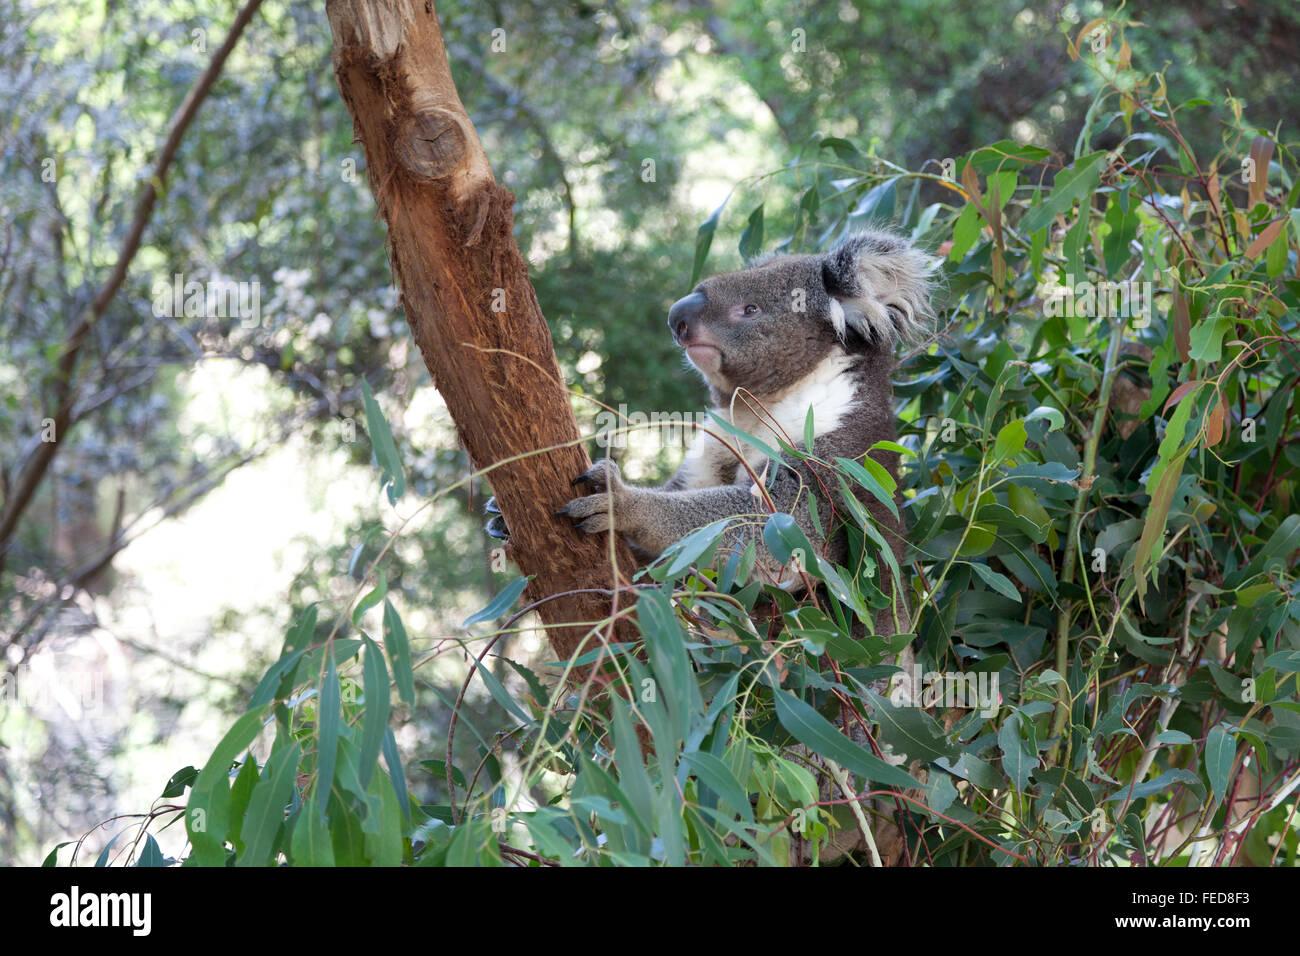 El Koala en el tronco de un árbol en Queensland, Australia Imagen De Stock